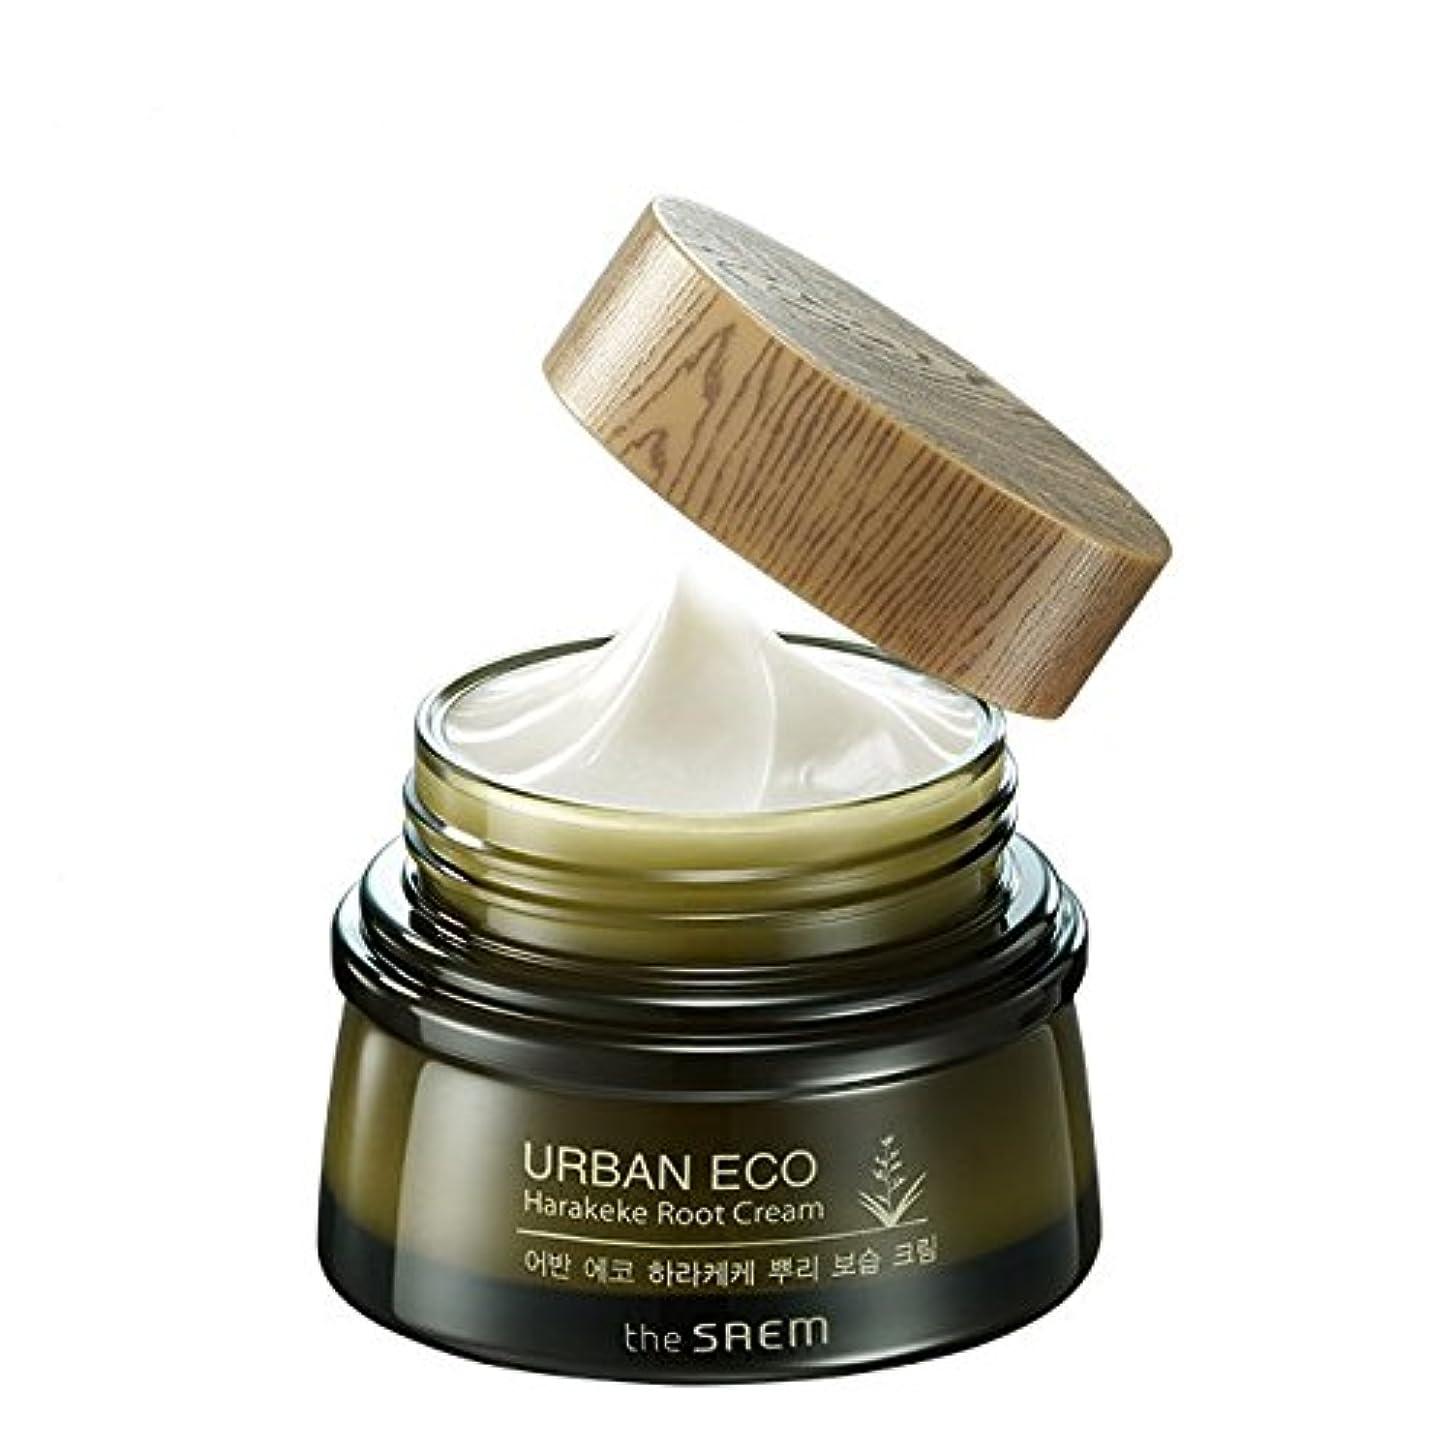 哲学者地区ルート[ザセム] The Saem [アーバンエコ ハラケケ 根保湿クリーム60ml (The Saem Urban Eco Harakeke Root Cream60ml)